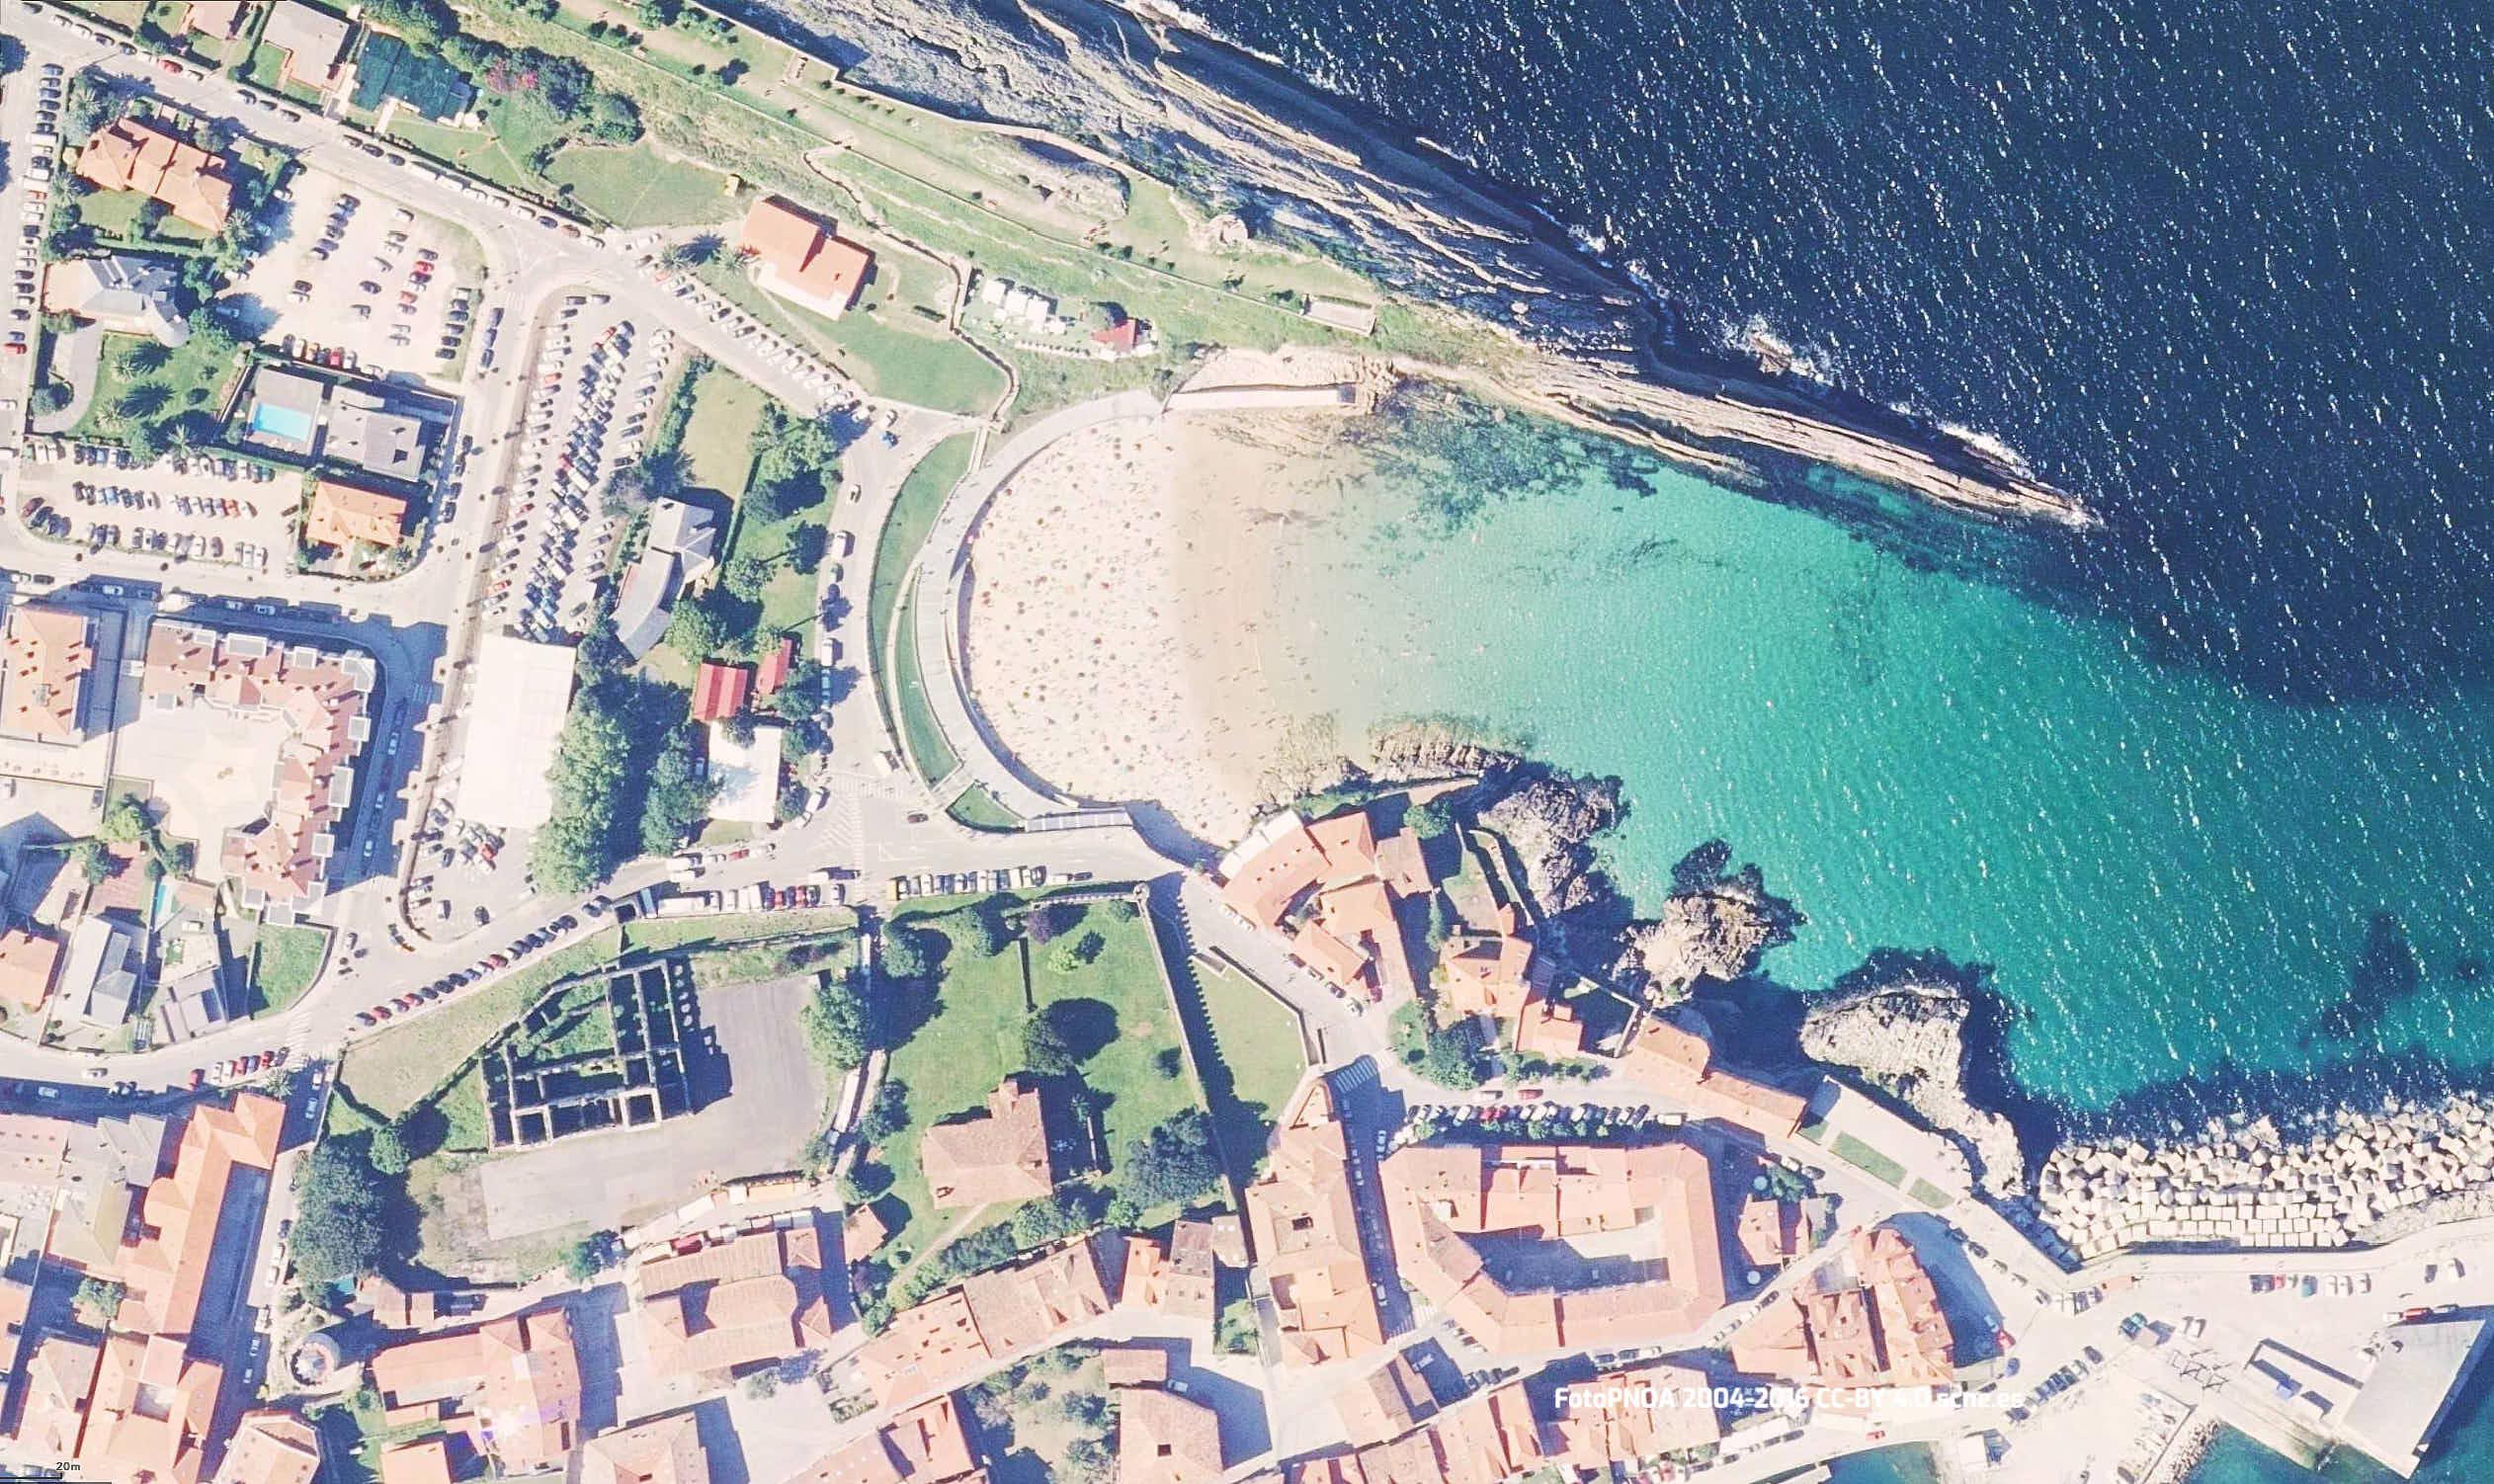 Vista aerea de la playa de Sablon en Llanes, Asturias